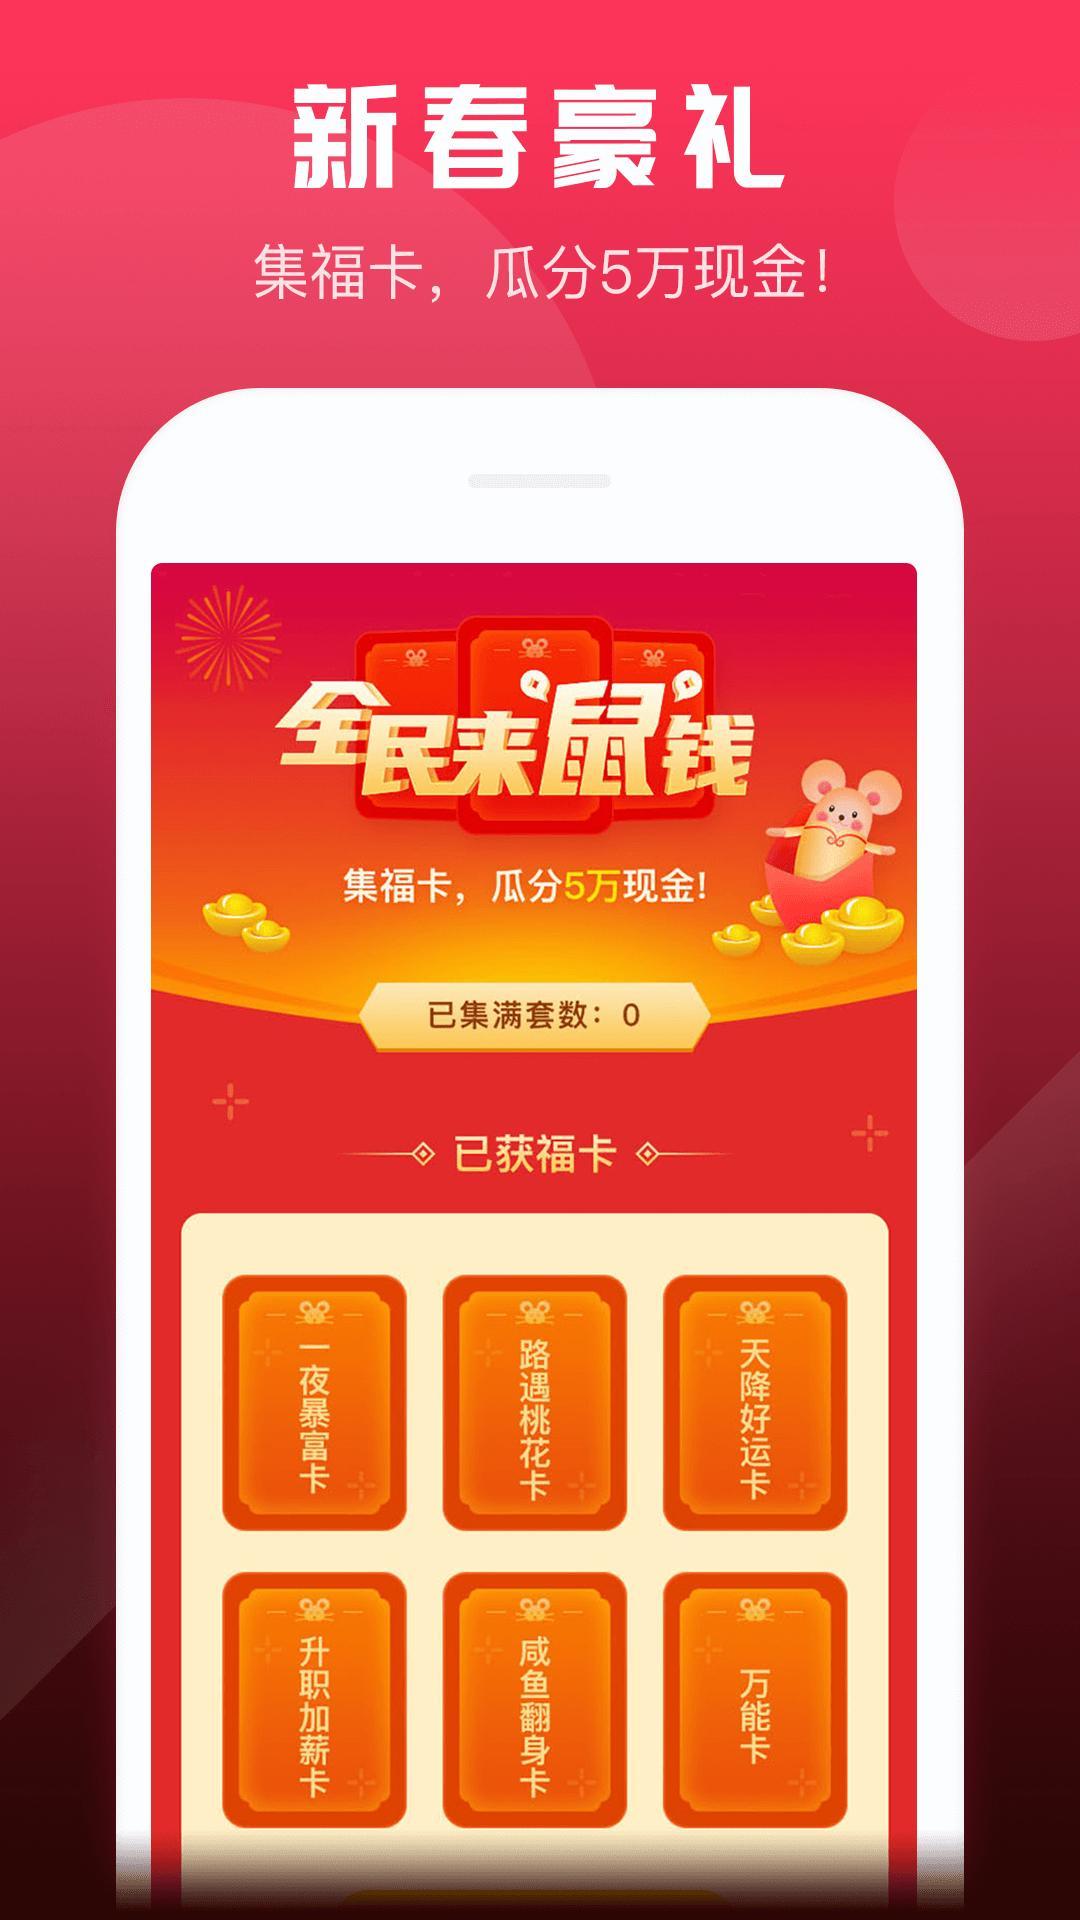 小爱live直播下载-小爱live直播app下载 v2.6.5